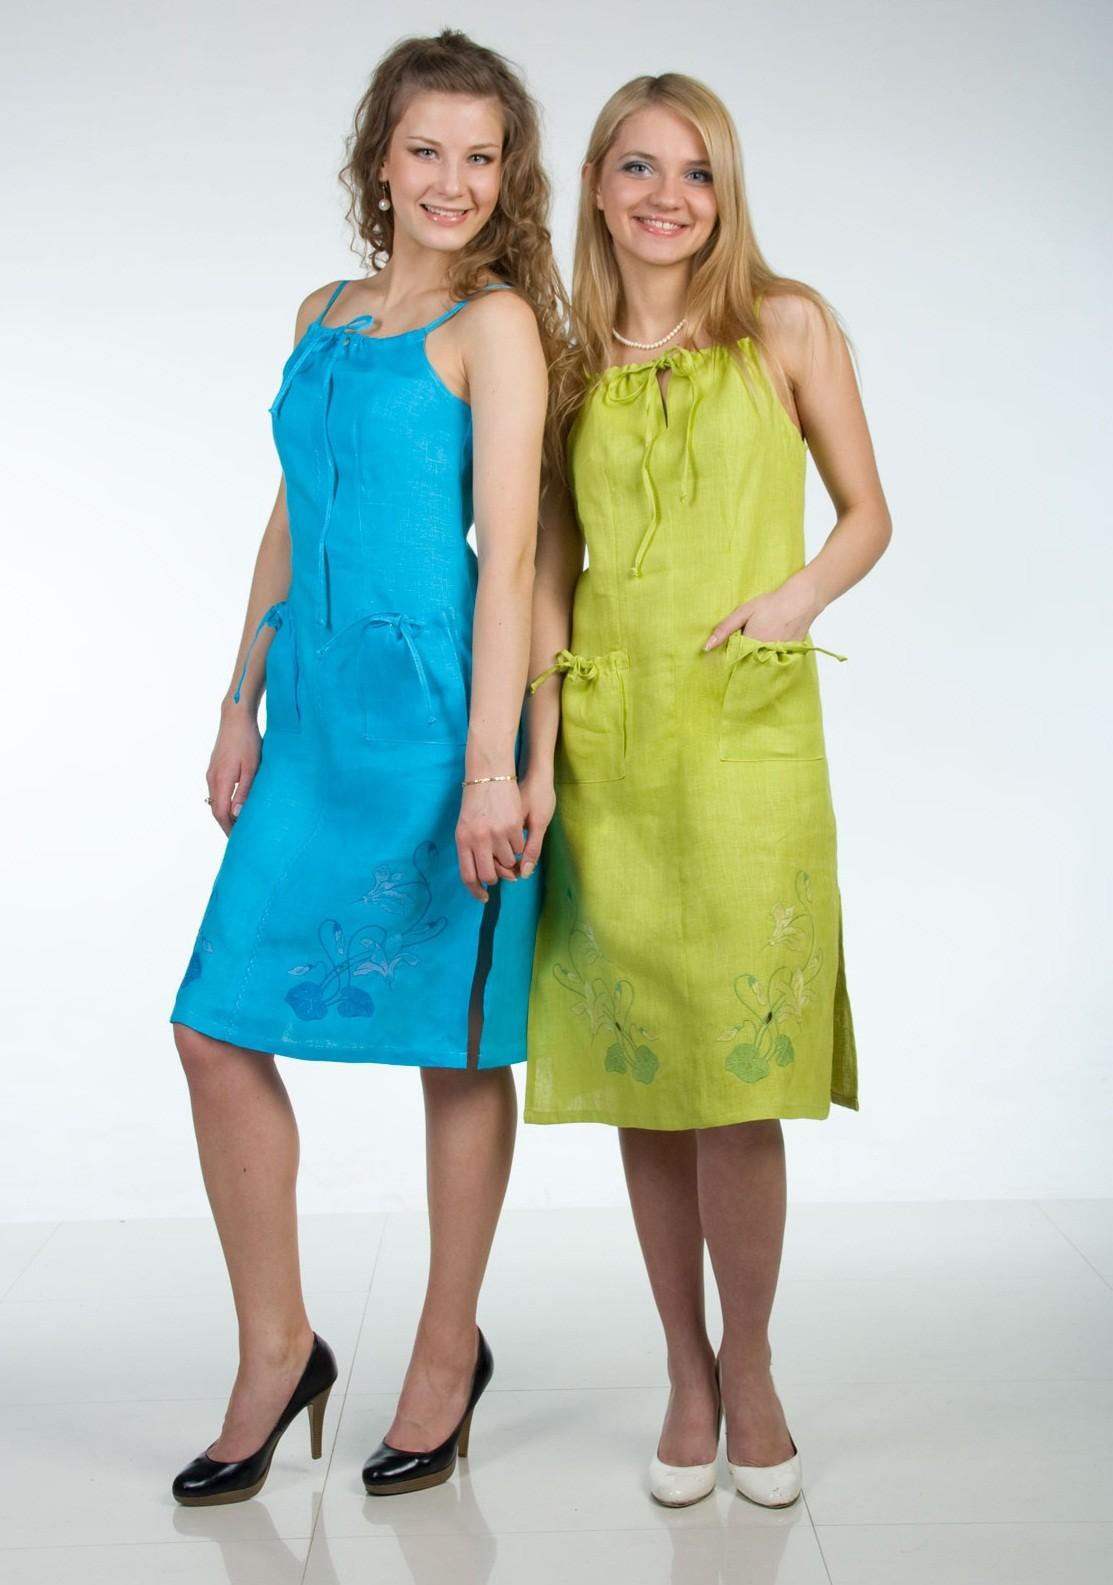 Л ё н - это всегда модно и красиво! Начинаем готовиться к летнему сезону! Платья, блузки, жакеты, брюки и юбки. Р-ры 44-64. Без рядов! Выкуп 9